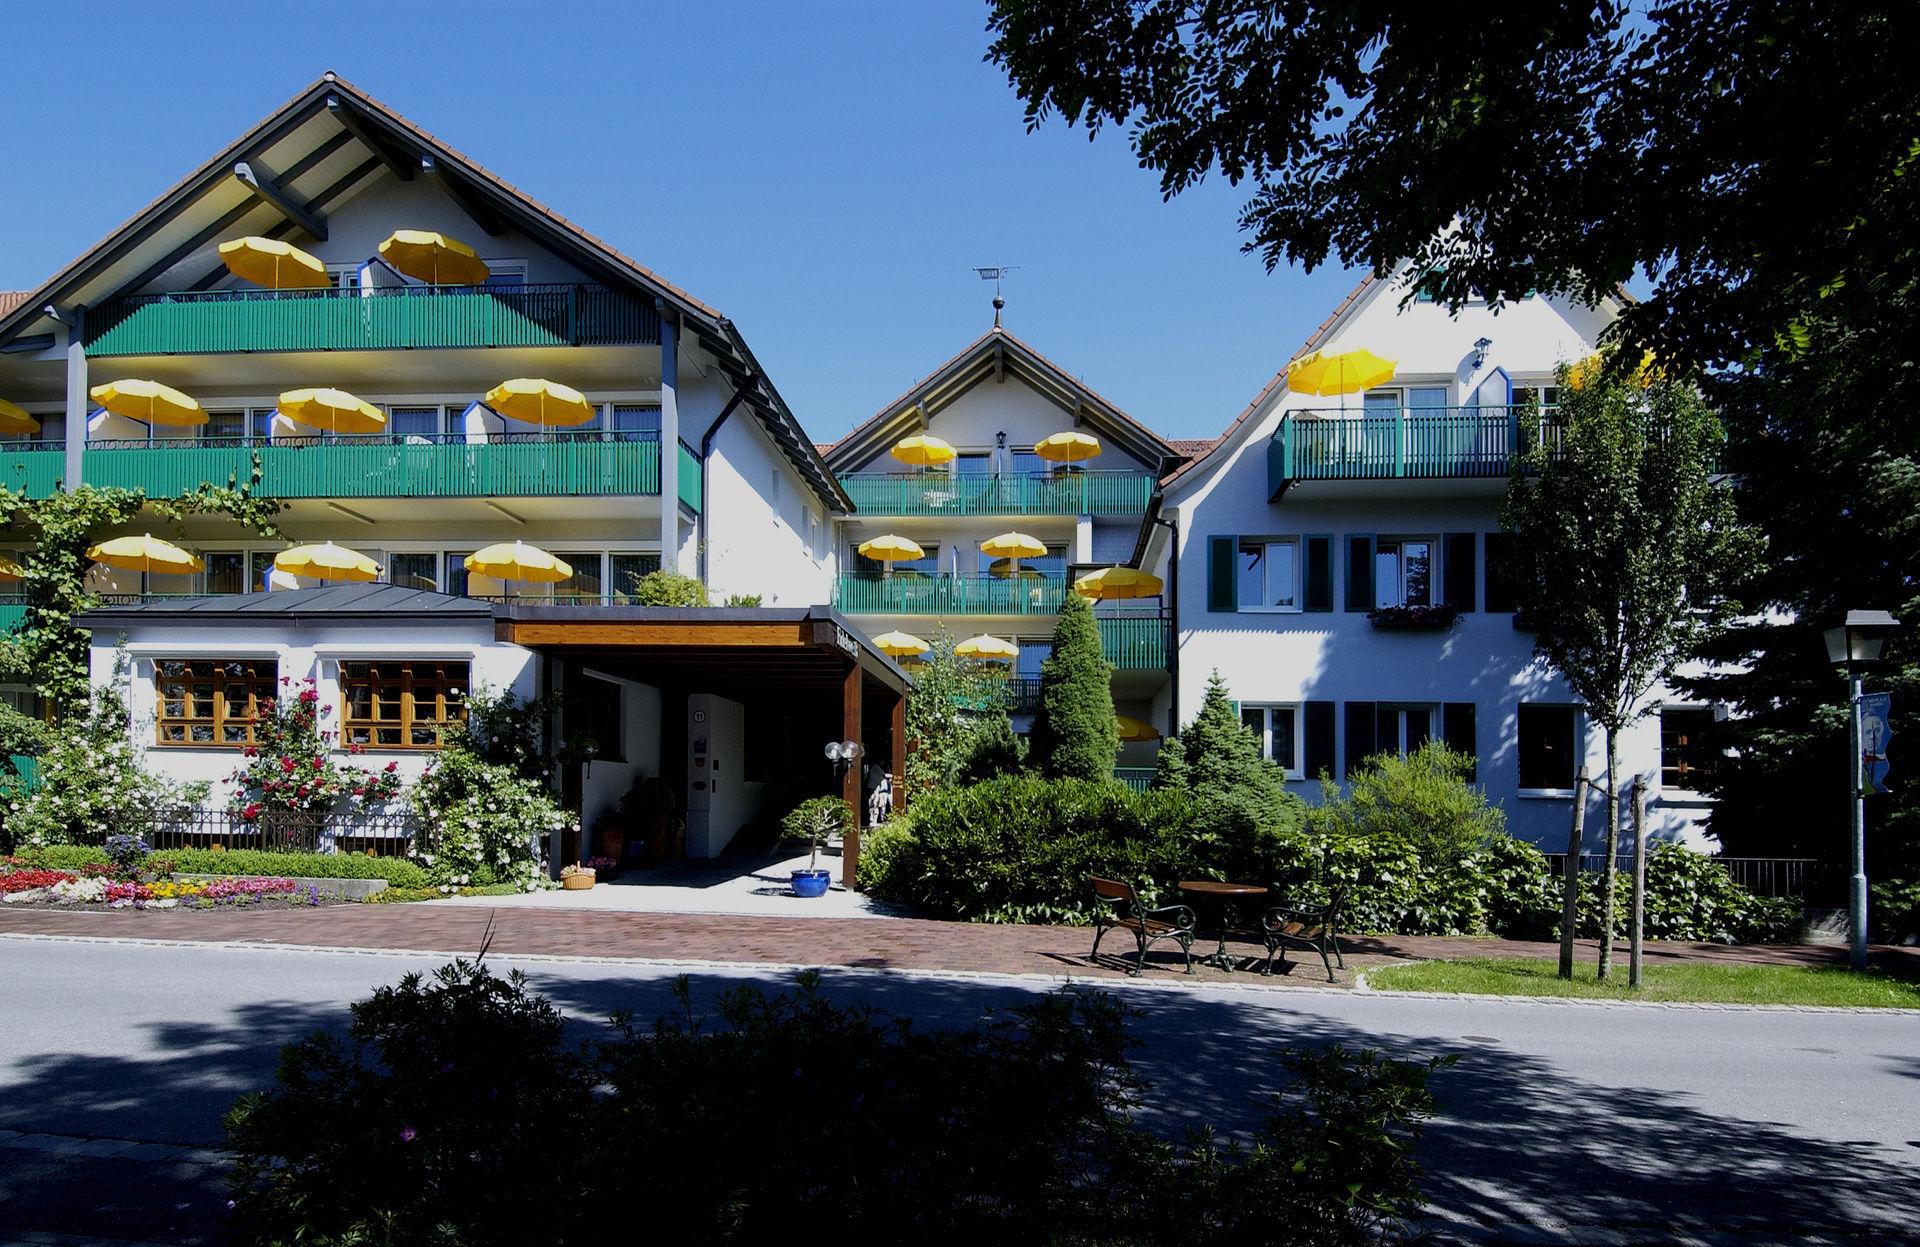 Tagungen Wellnesshotel Kneipphotel 4 Sterne Hotel Edelweiss Bad